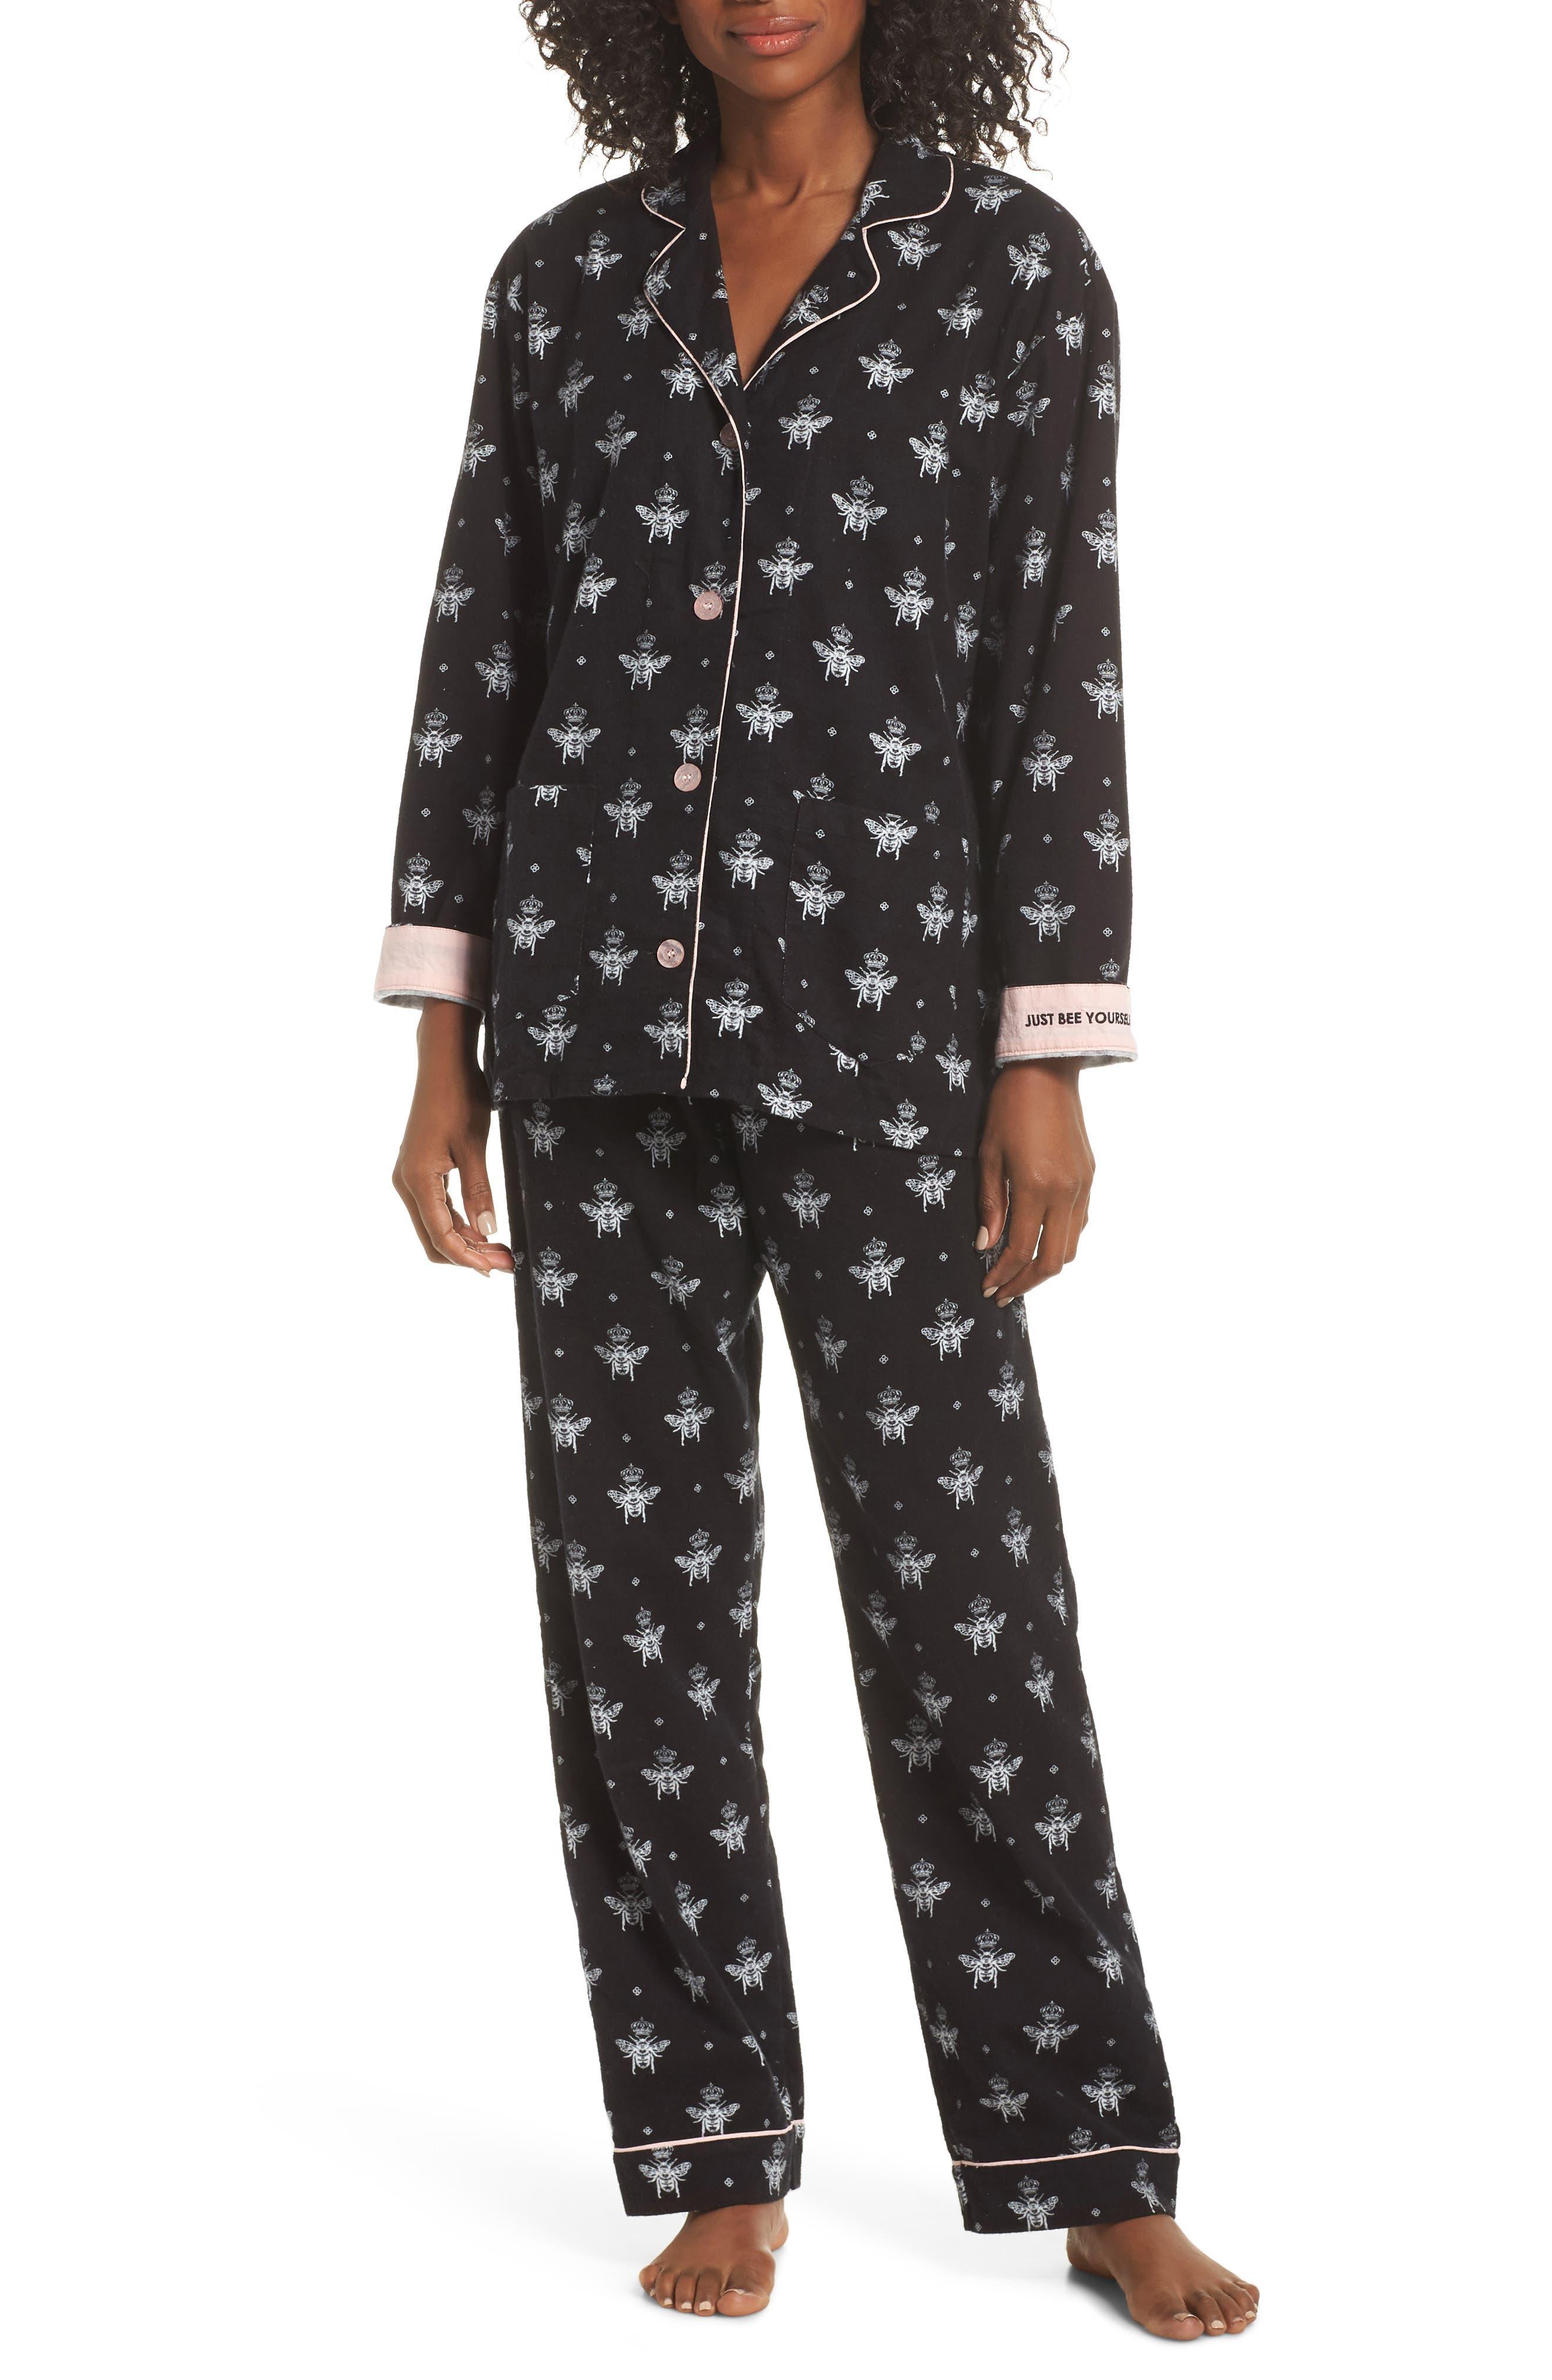 Pj Salvage Print Flannel Pajamas, Black